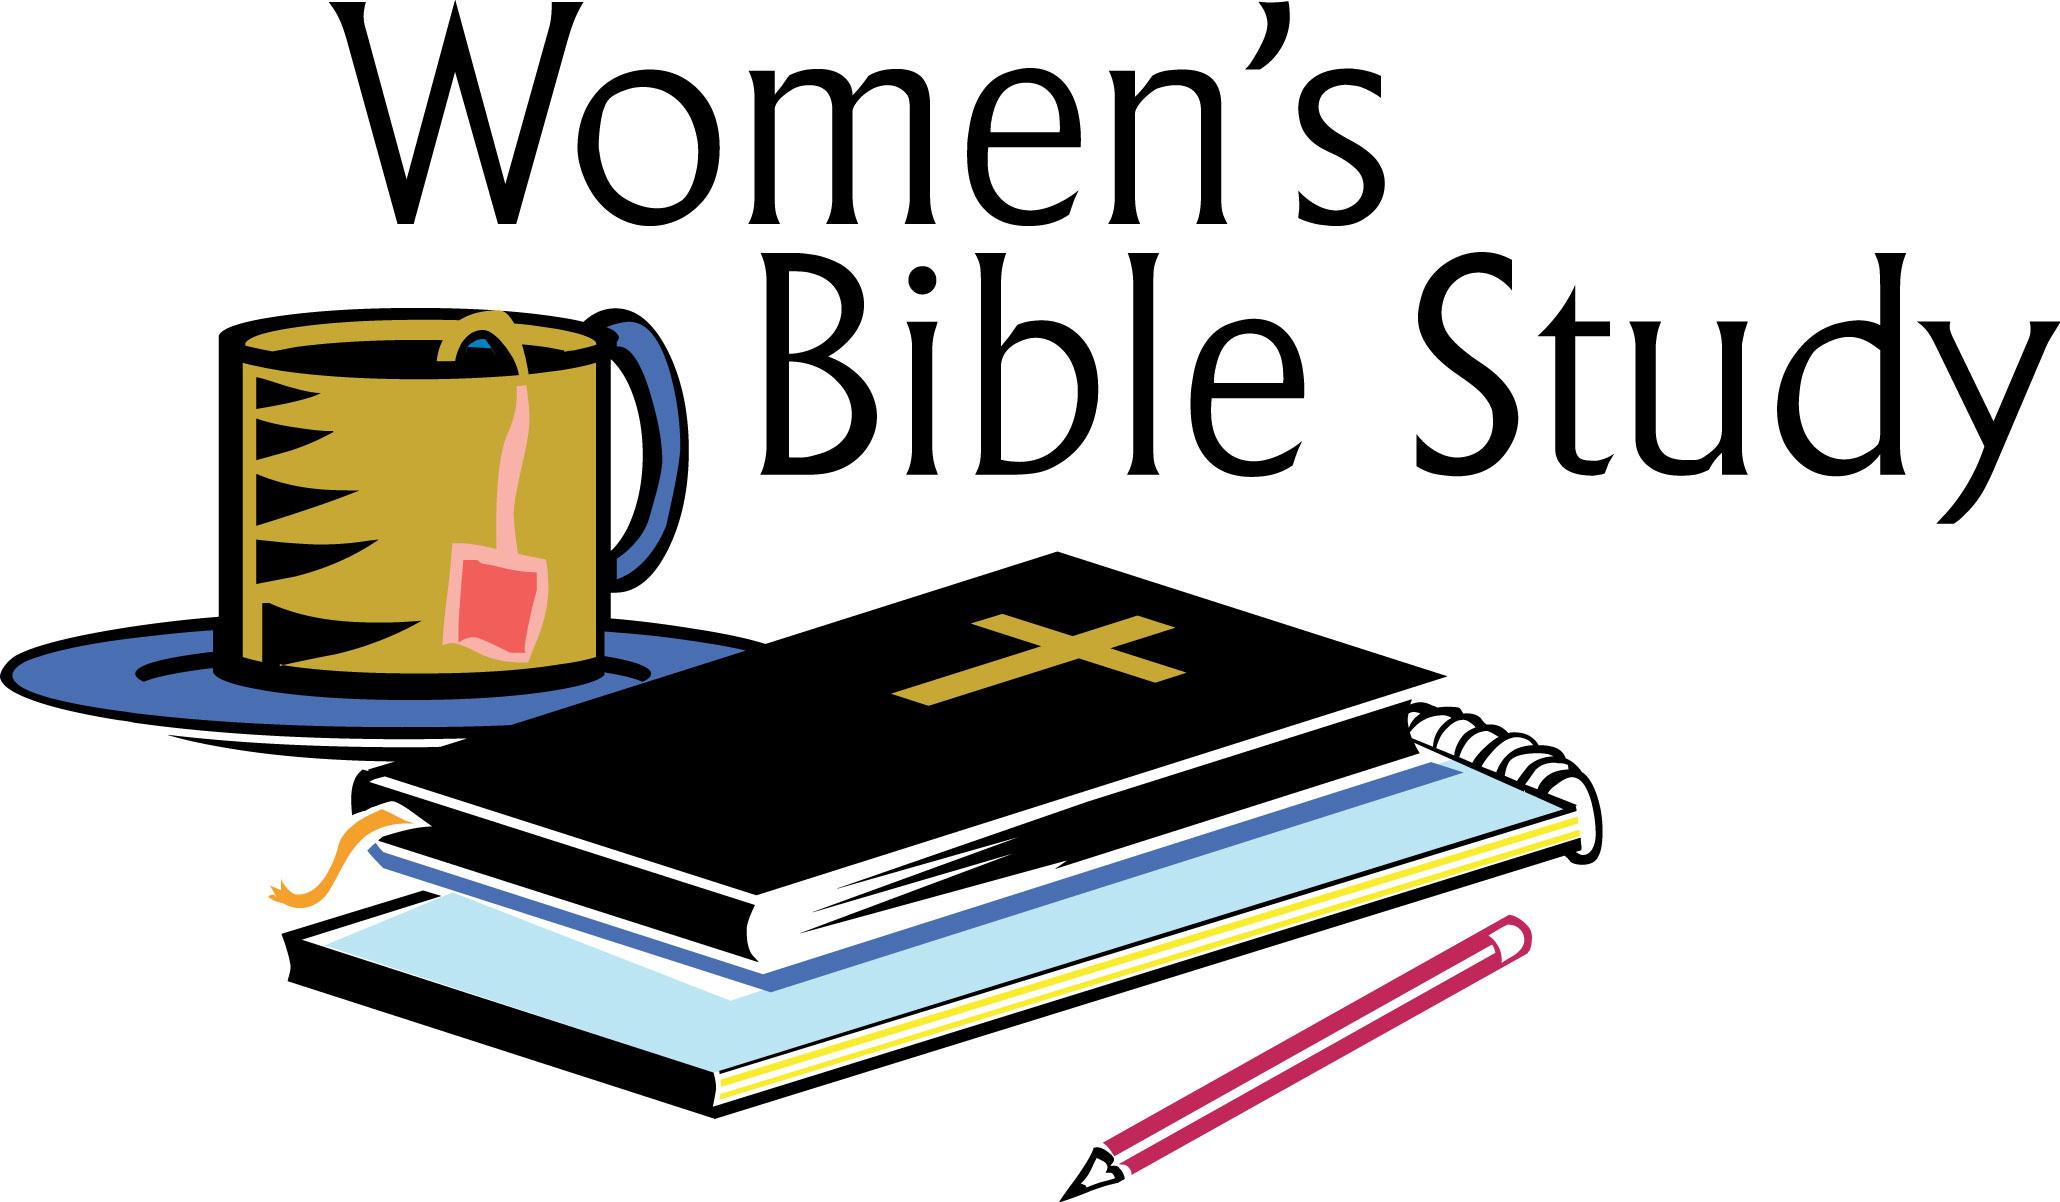 2060x1202 Bible Study Clip Art Amp Look At Bible Study Clip Art Clip Art